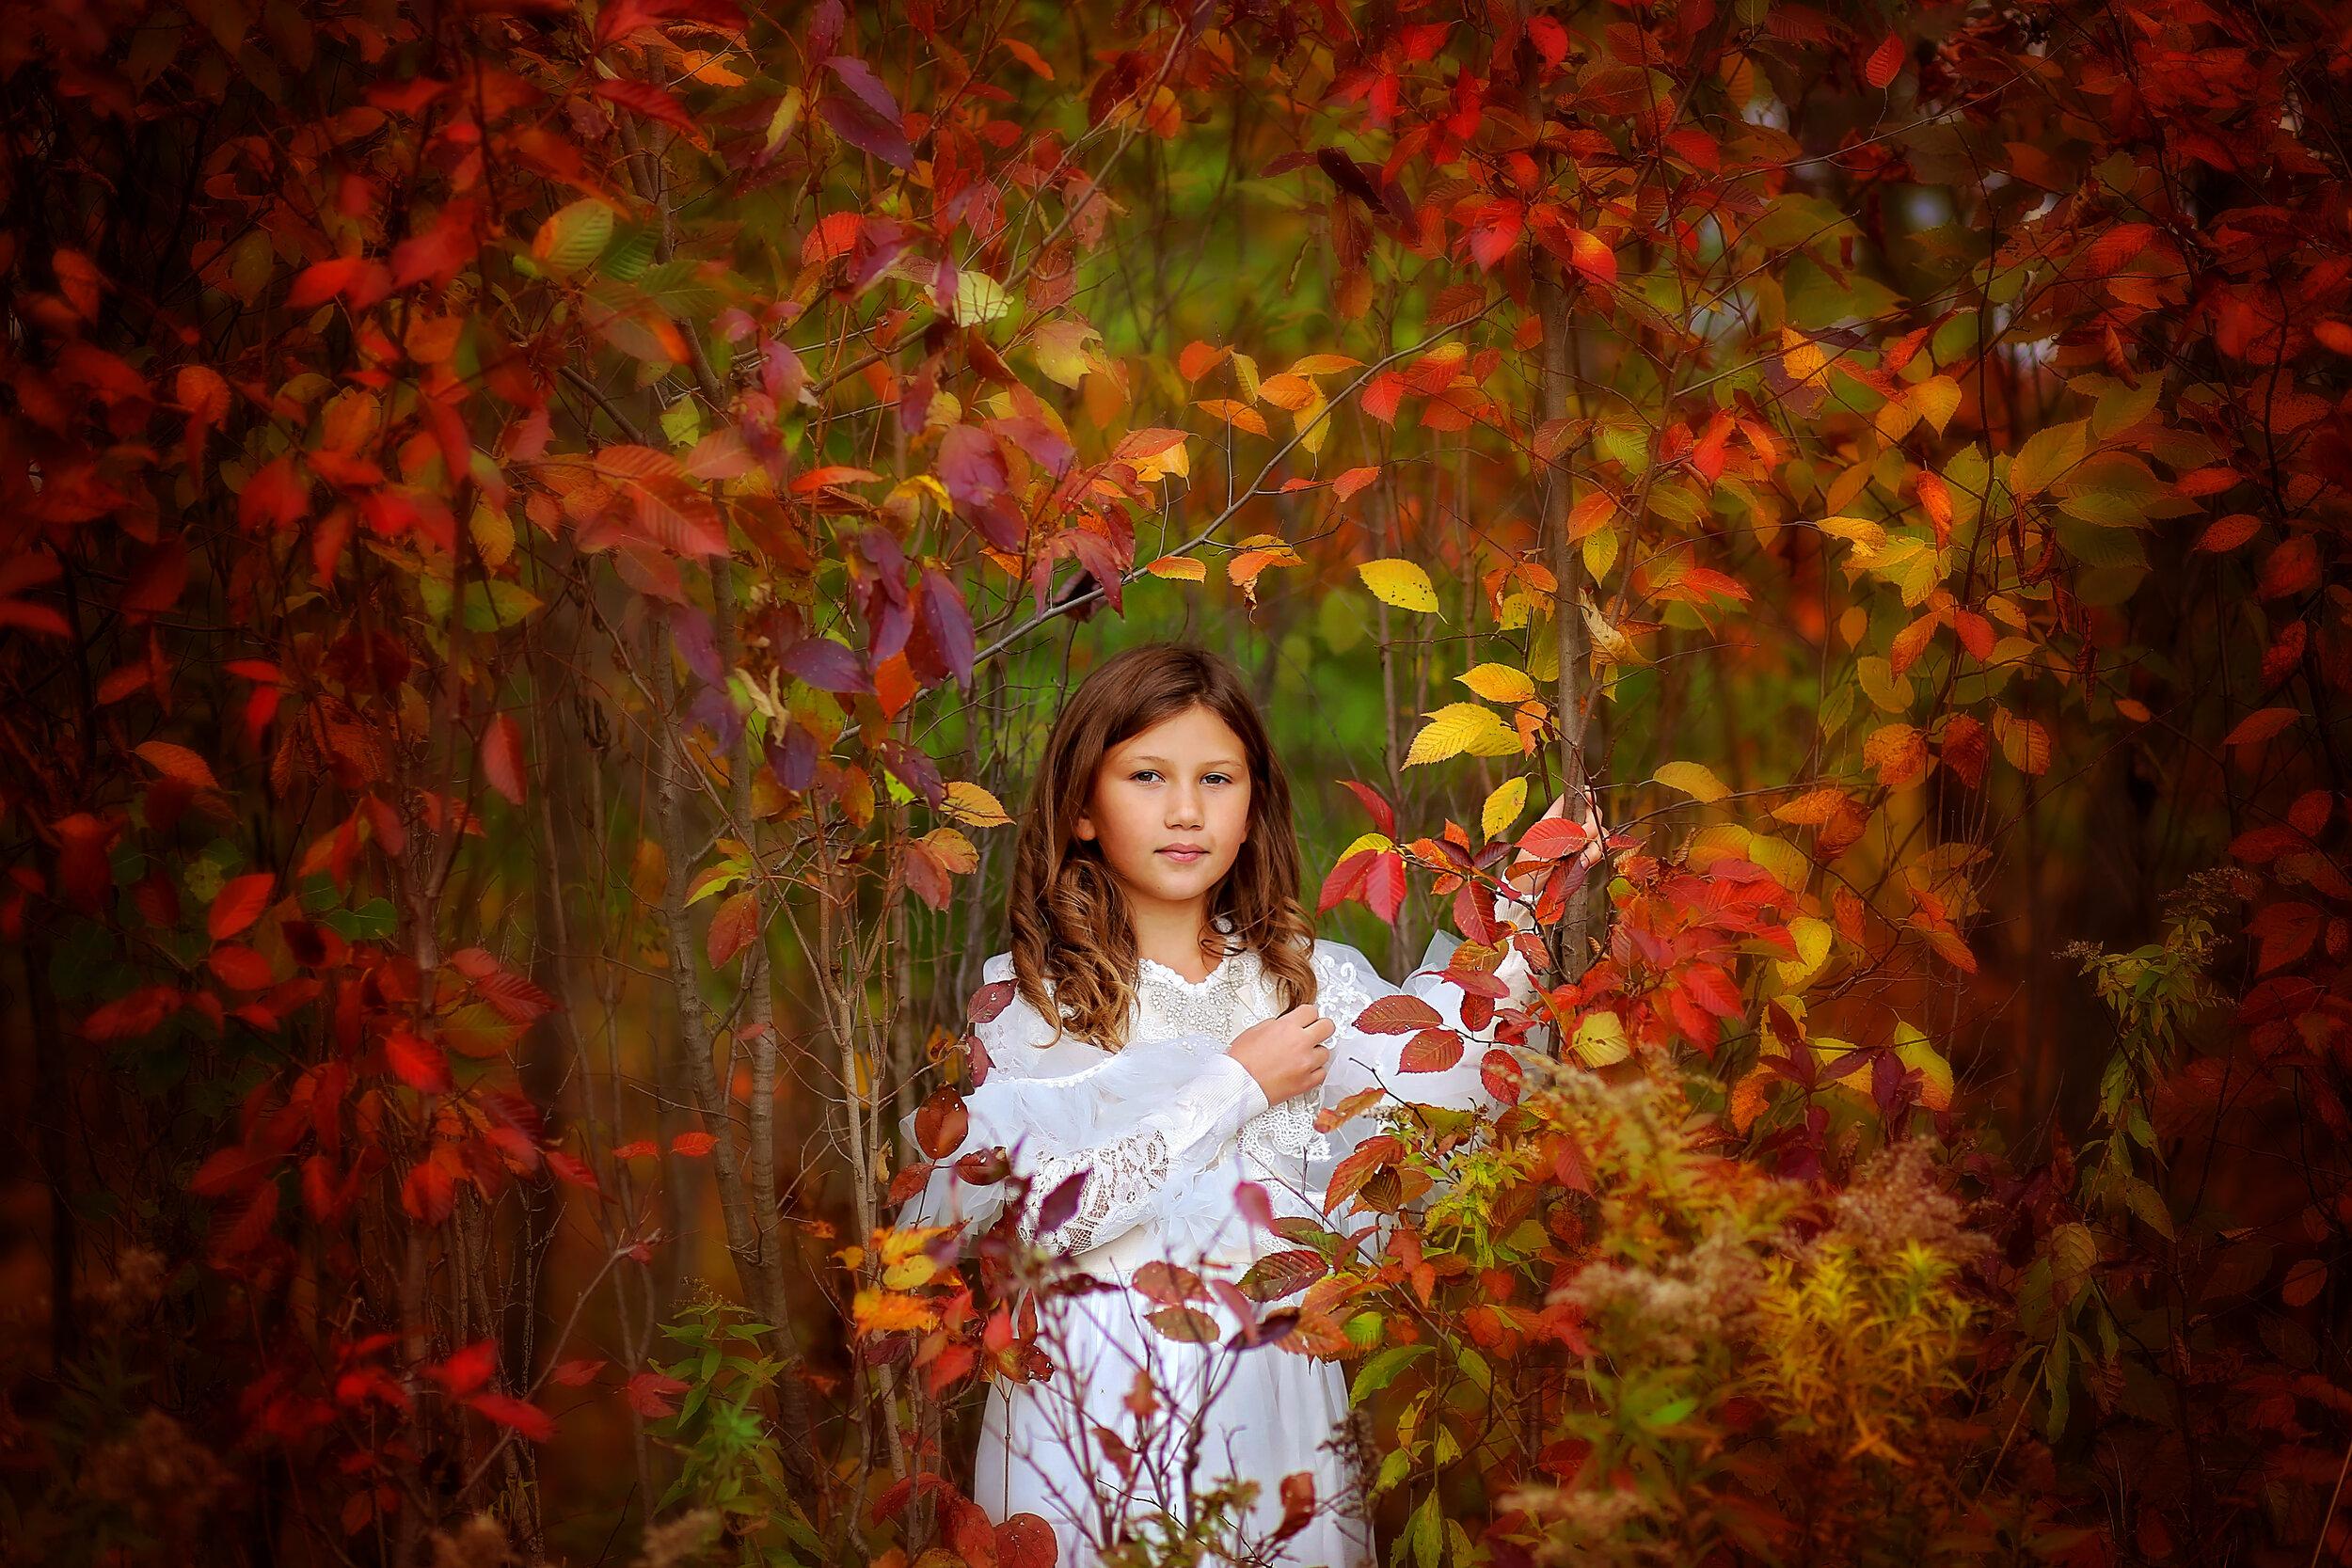 Fall Photo Sessions in Buffalo, NY